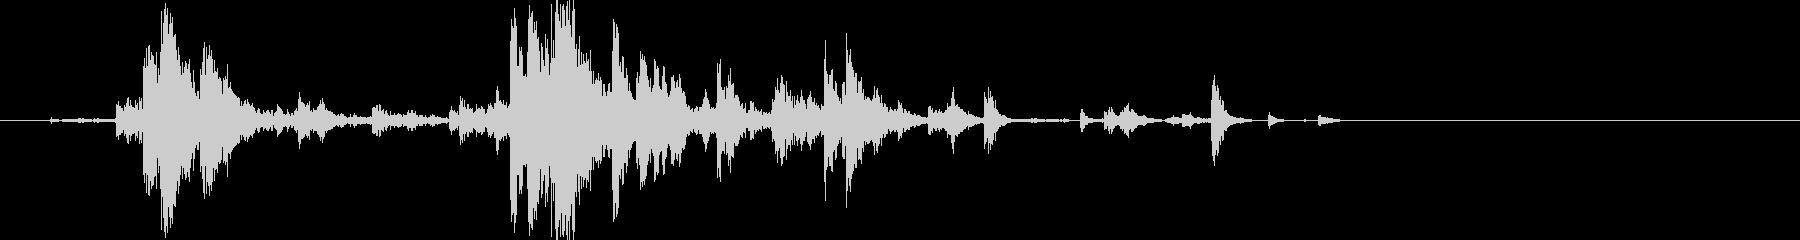 ガチャチュ(カトラリーを集めて握る音)の未再生の波形